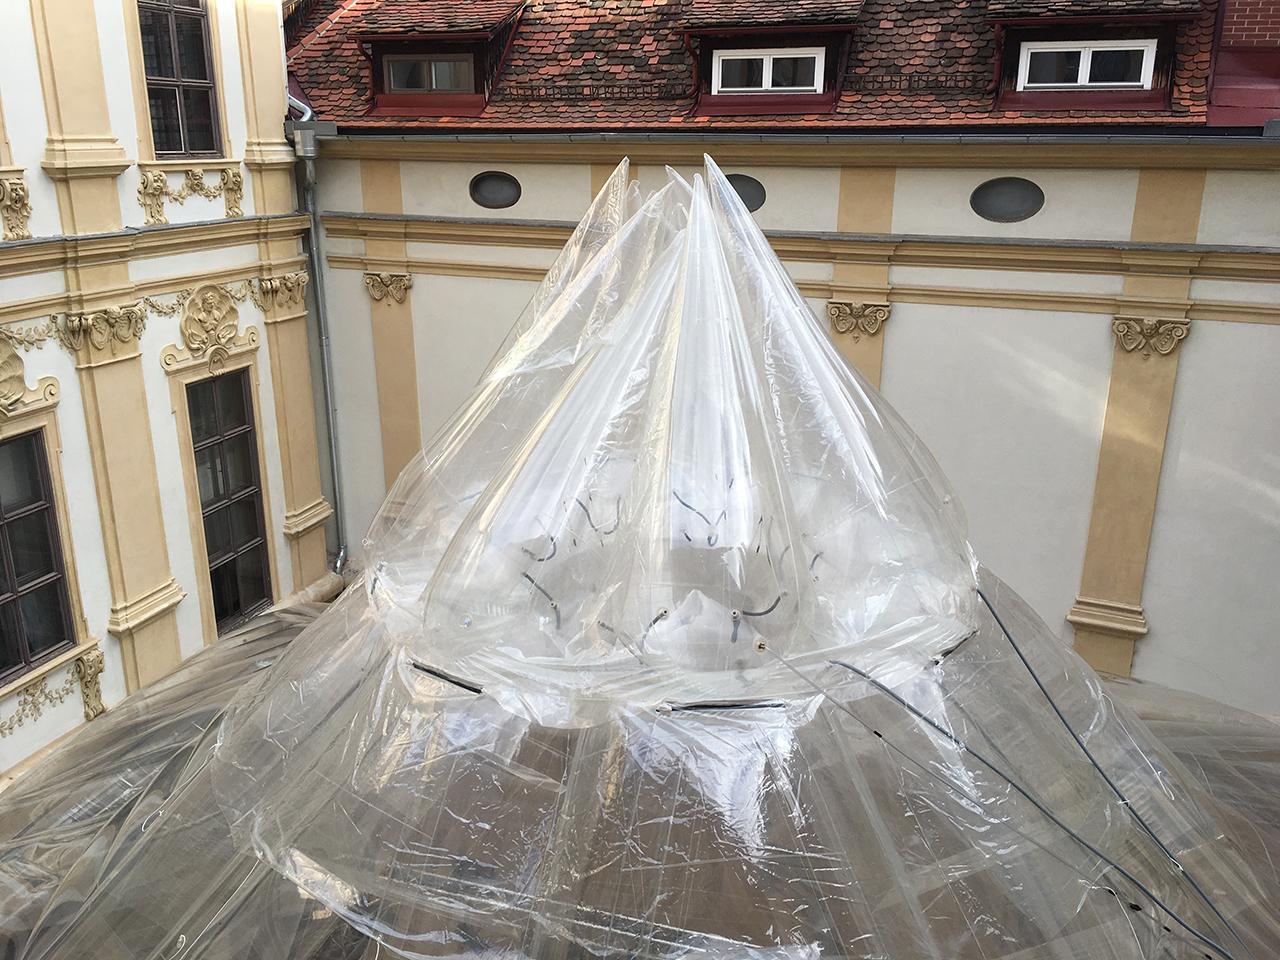 Aufblasbares Dach beim steirischen herbst